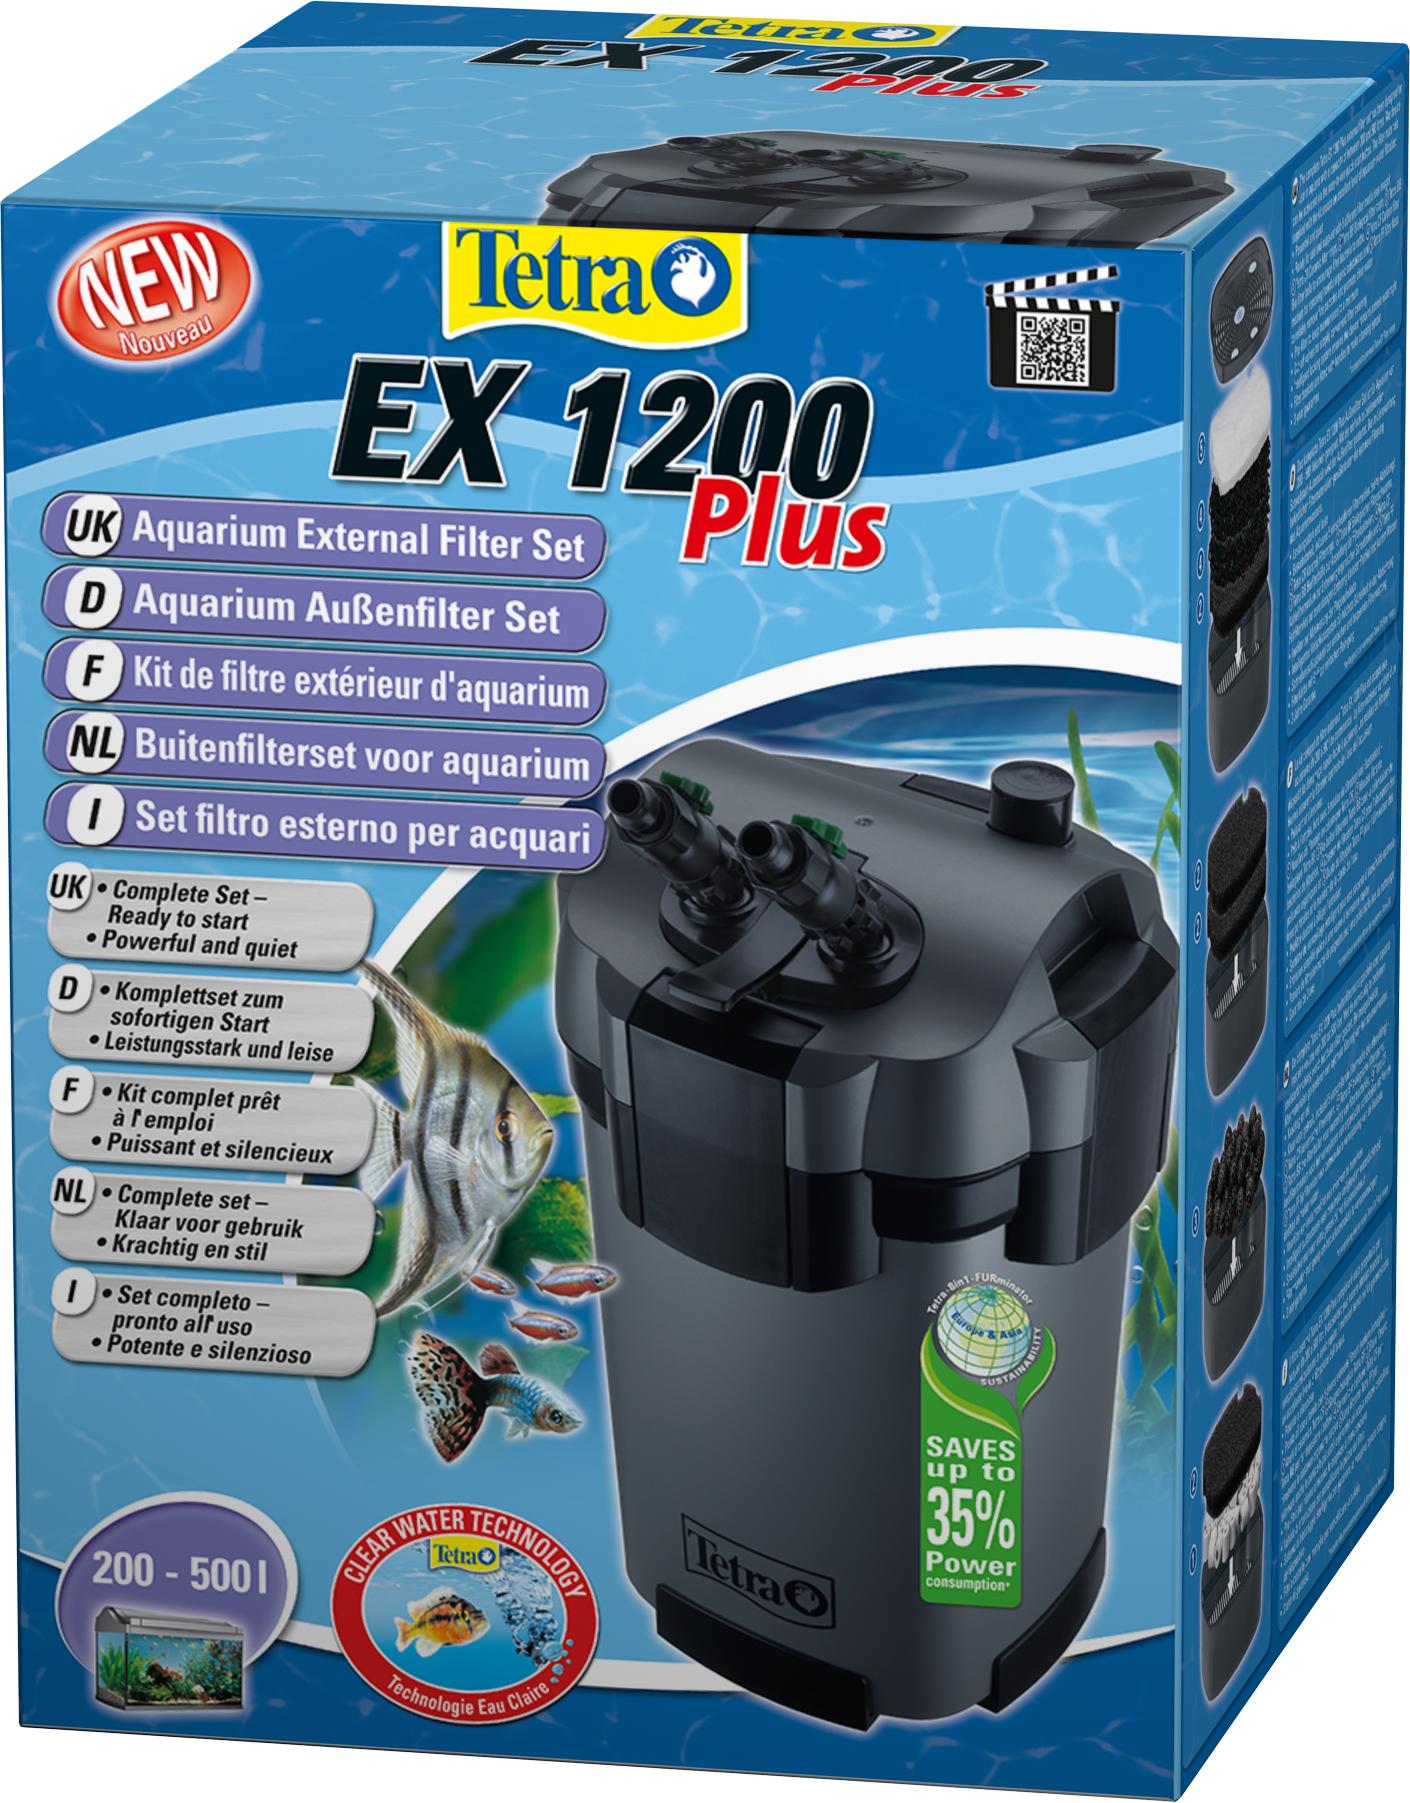 tetra-ex-1200-plus-filtre-externe-aquarium